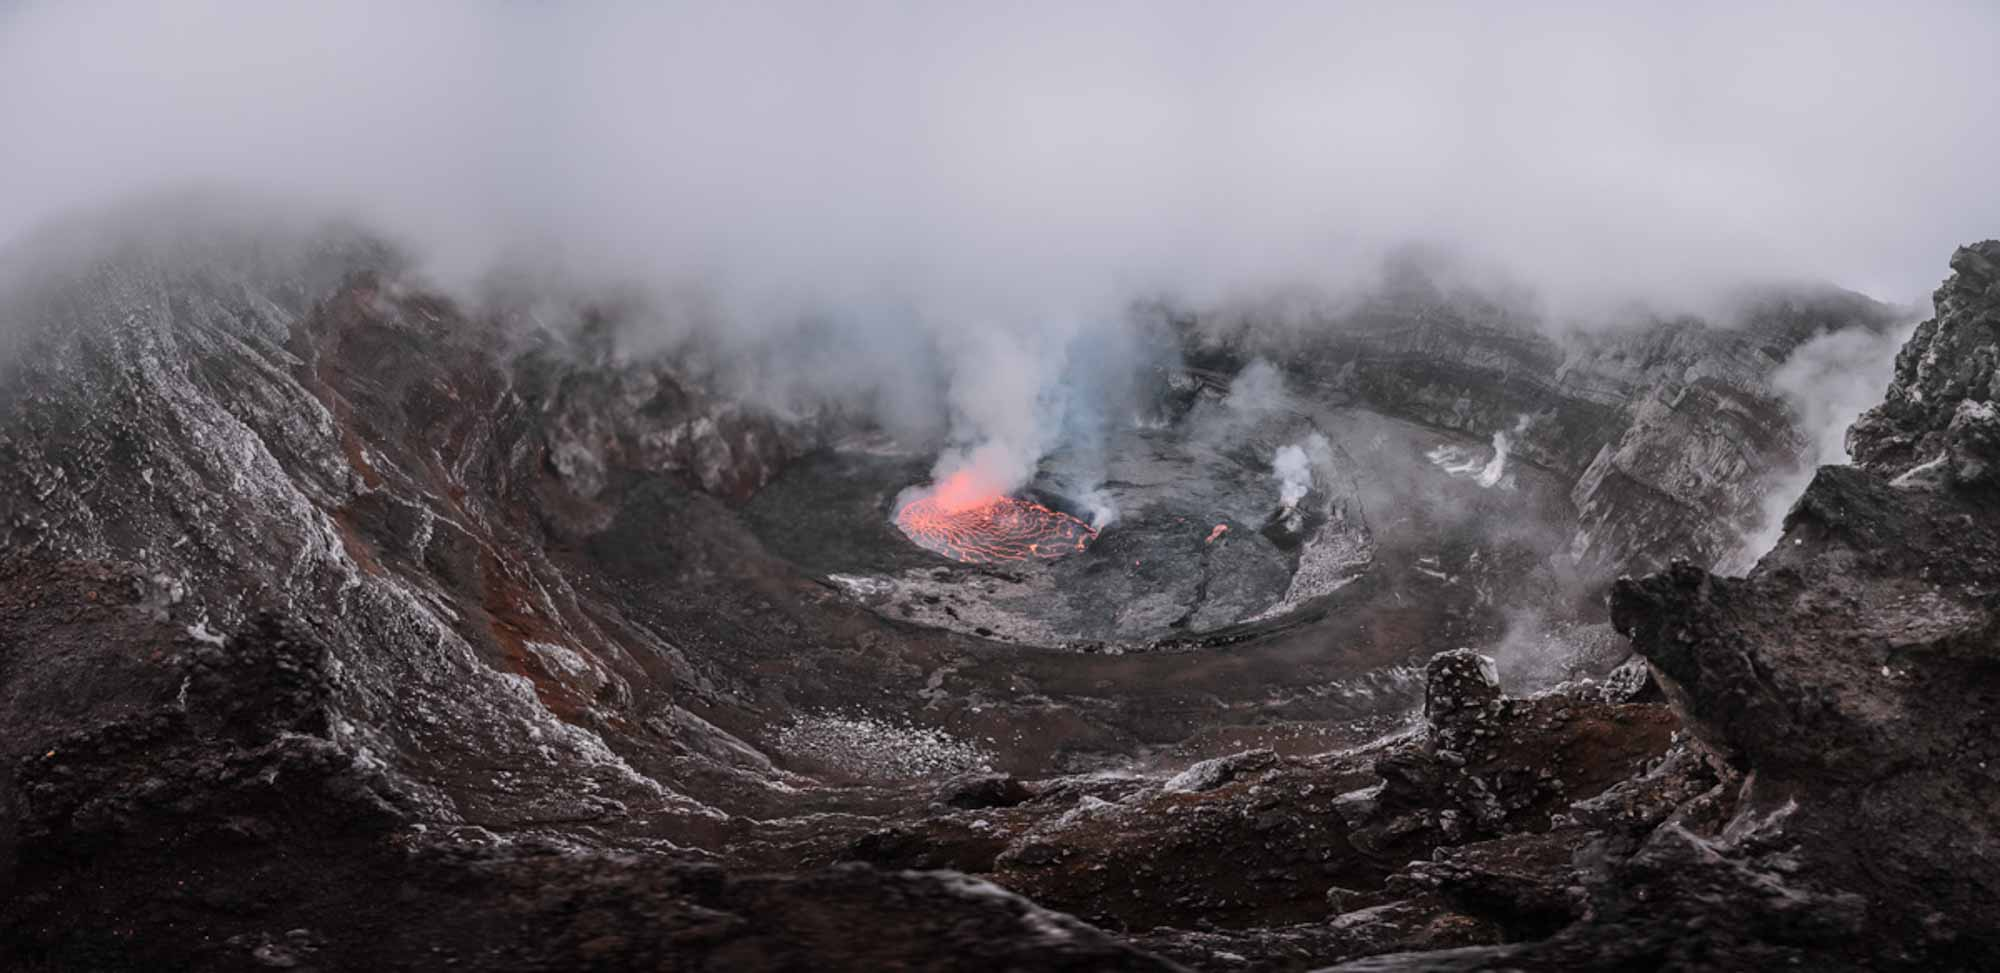 Congo Virunga Volcan Nyirangongo- Agencia de viajes Africaatumedida